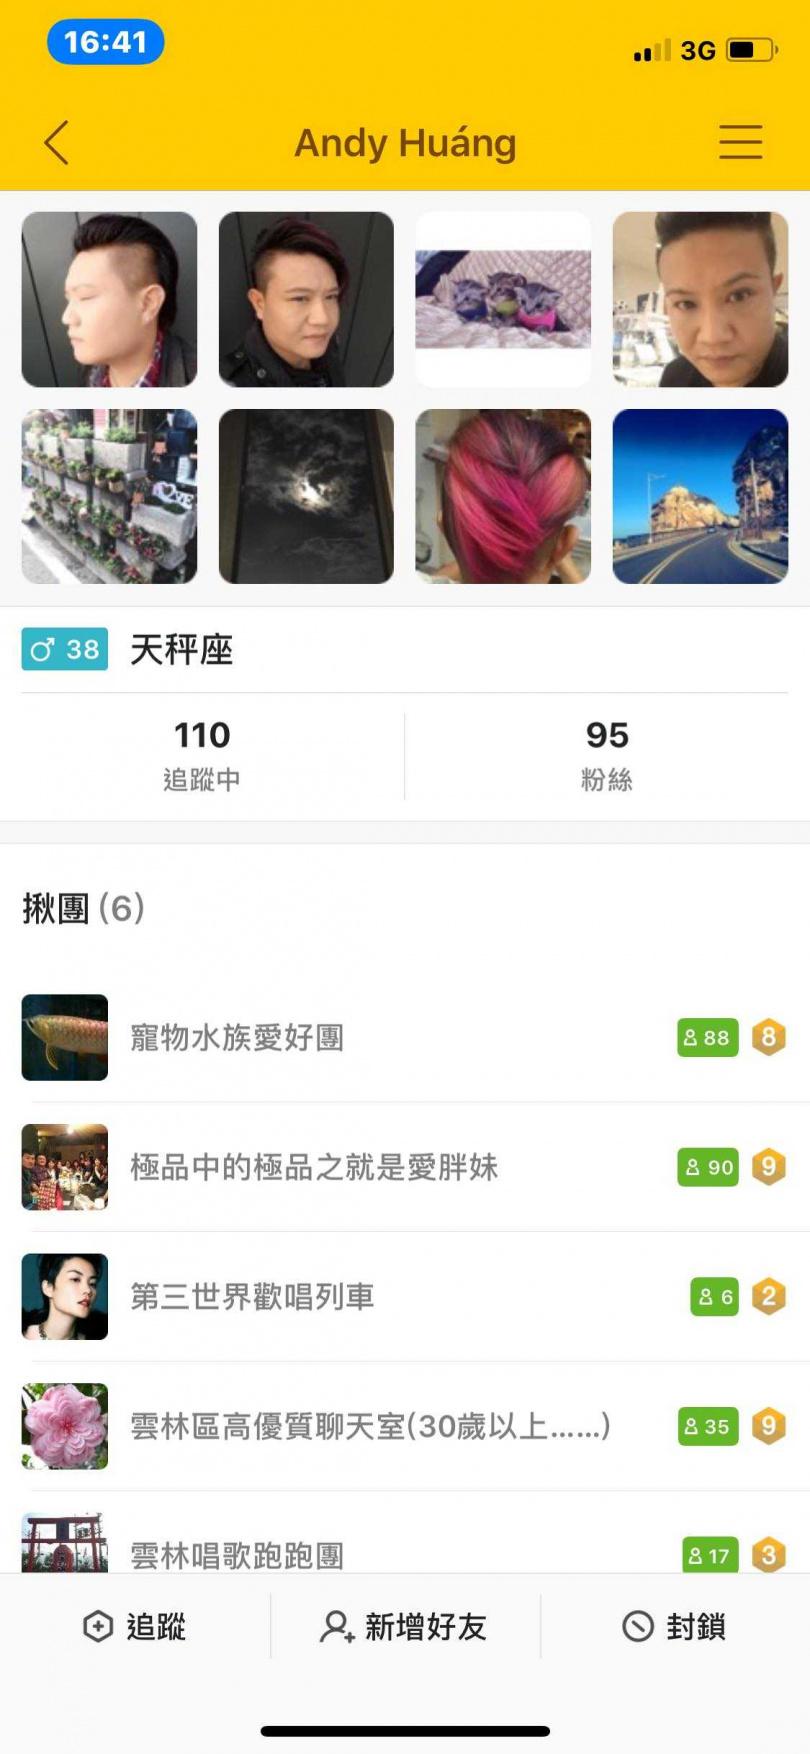 黃宗瑋現在仍活躍於交友軟體,他會張貼各式生活照、秀出自己的興趣。(圖/讀者提供)